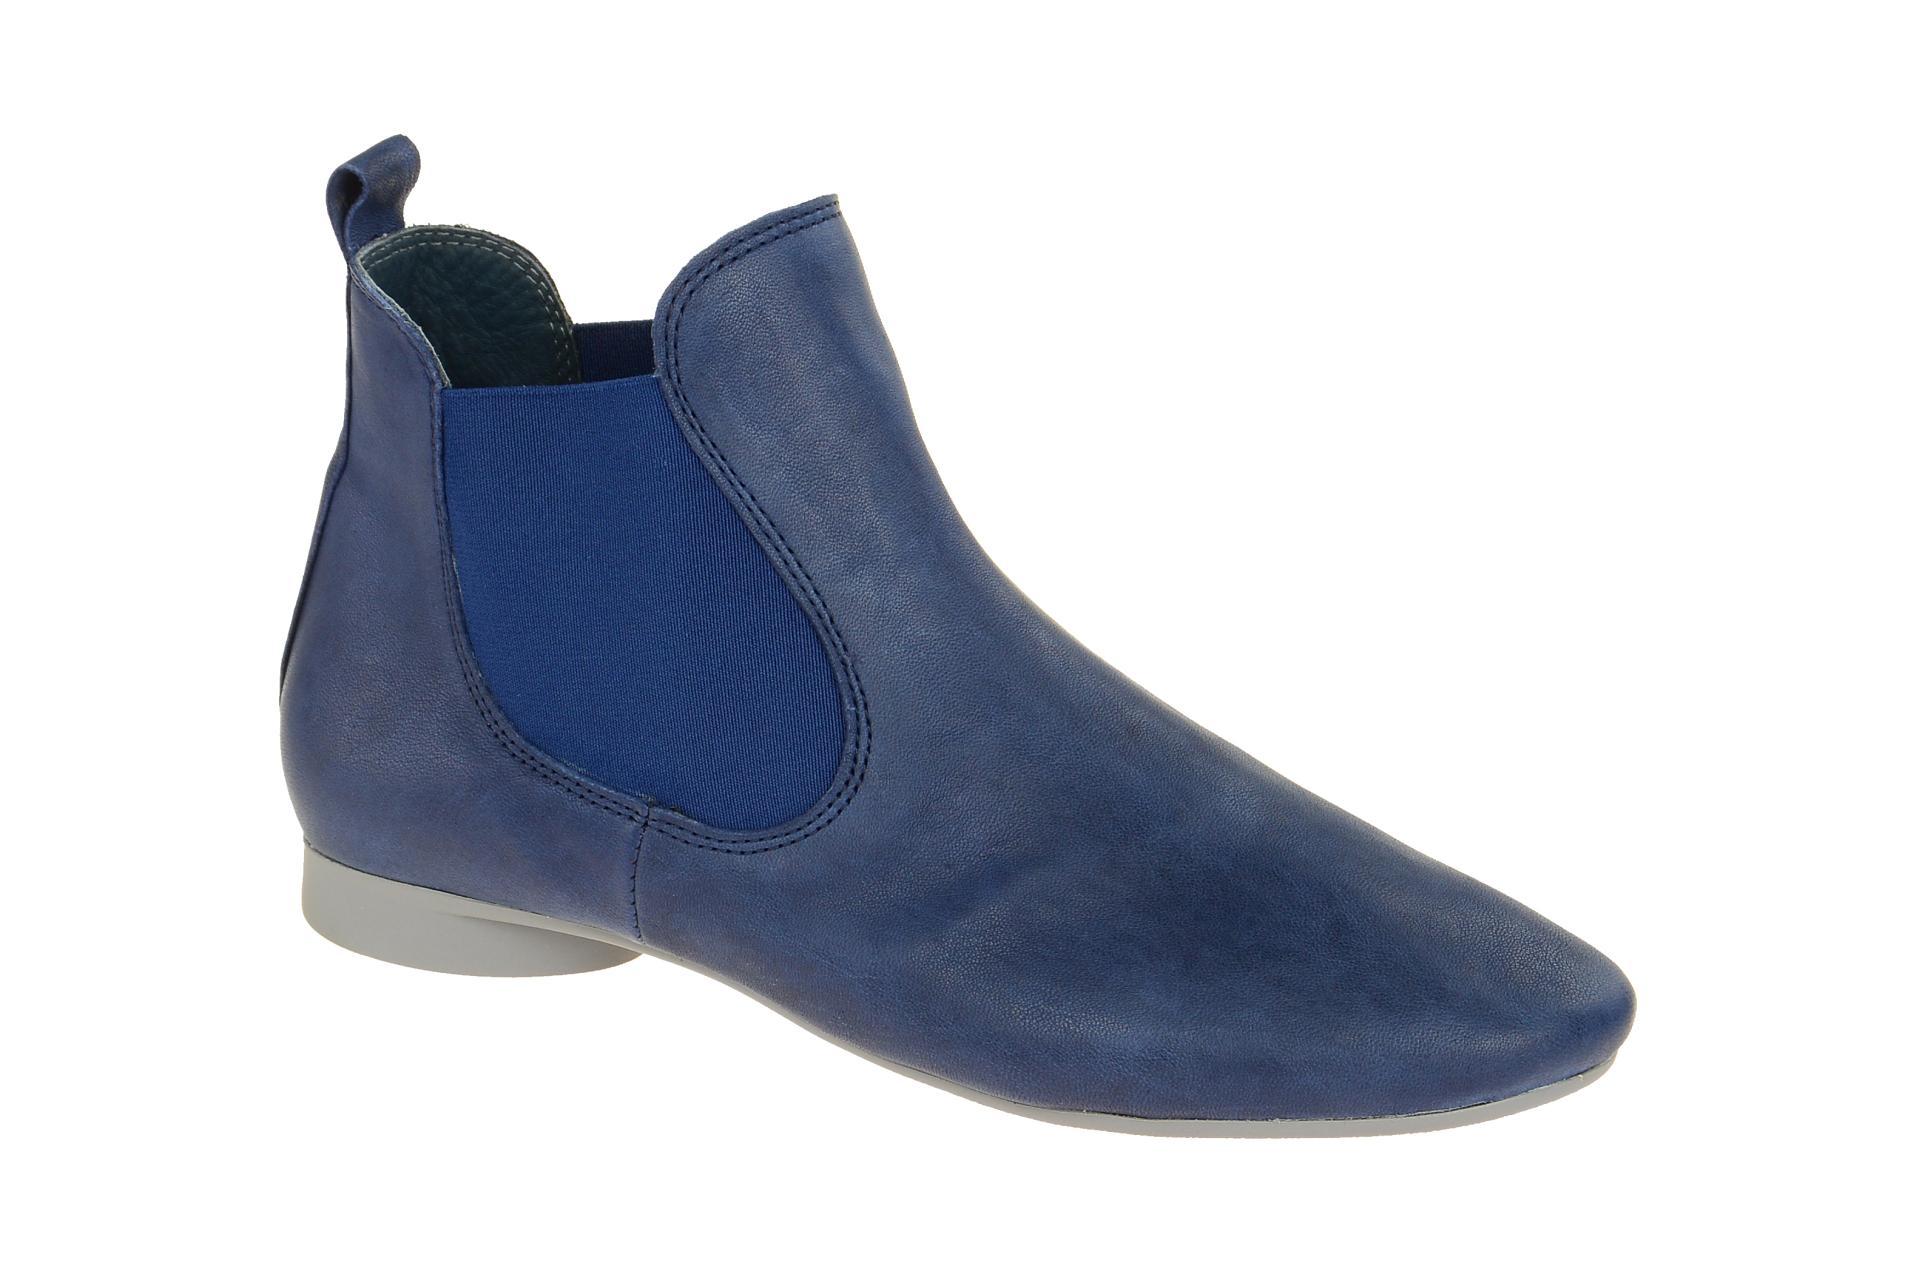 c9beee6cda0794 Think Guad Damen Stiefeletten blau capri - Schuhhaus Strauch Shop